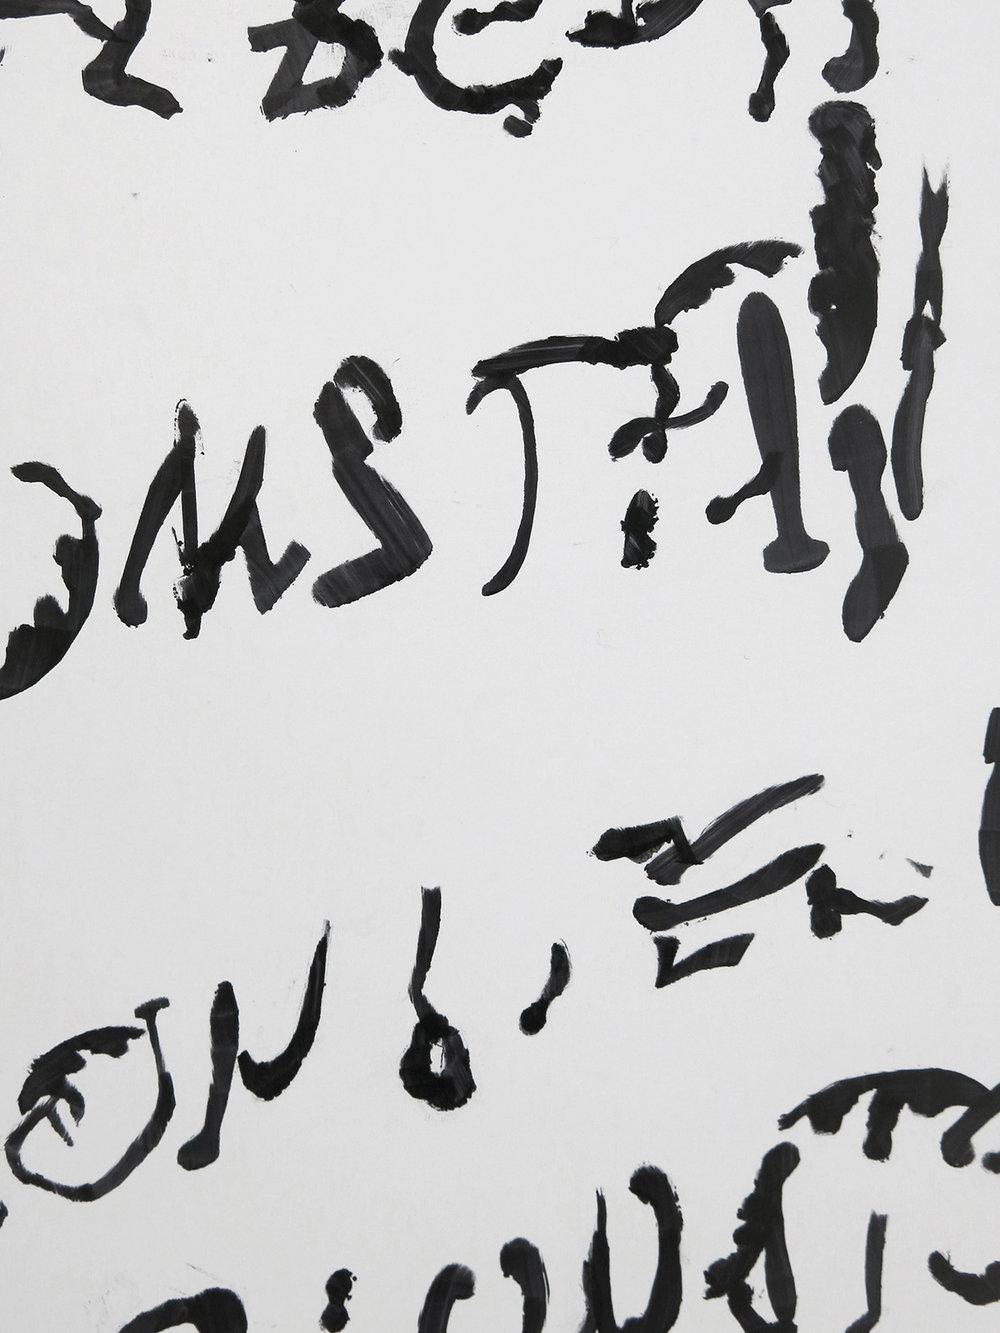 Marie Søndergaard Lolk,detalje, 2018, sprittusch på skumpap, 100 x 210 cm